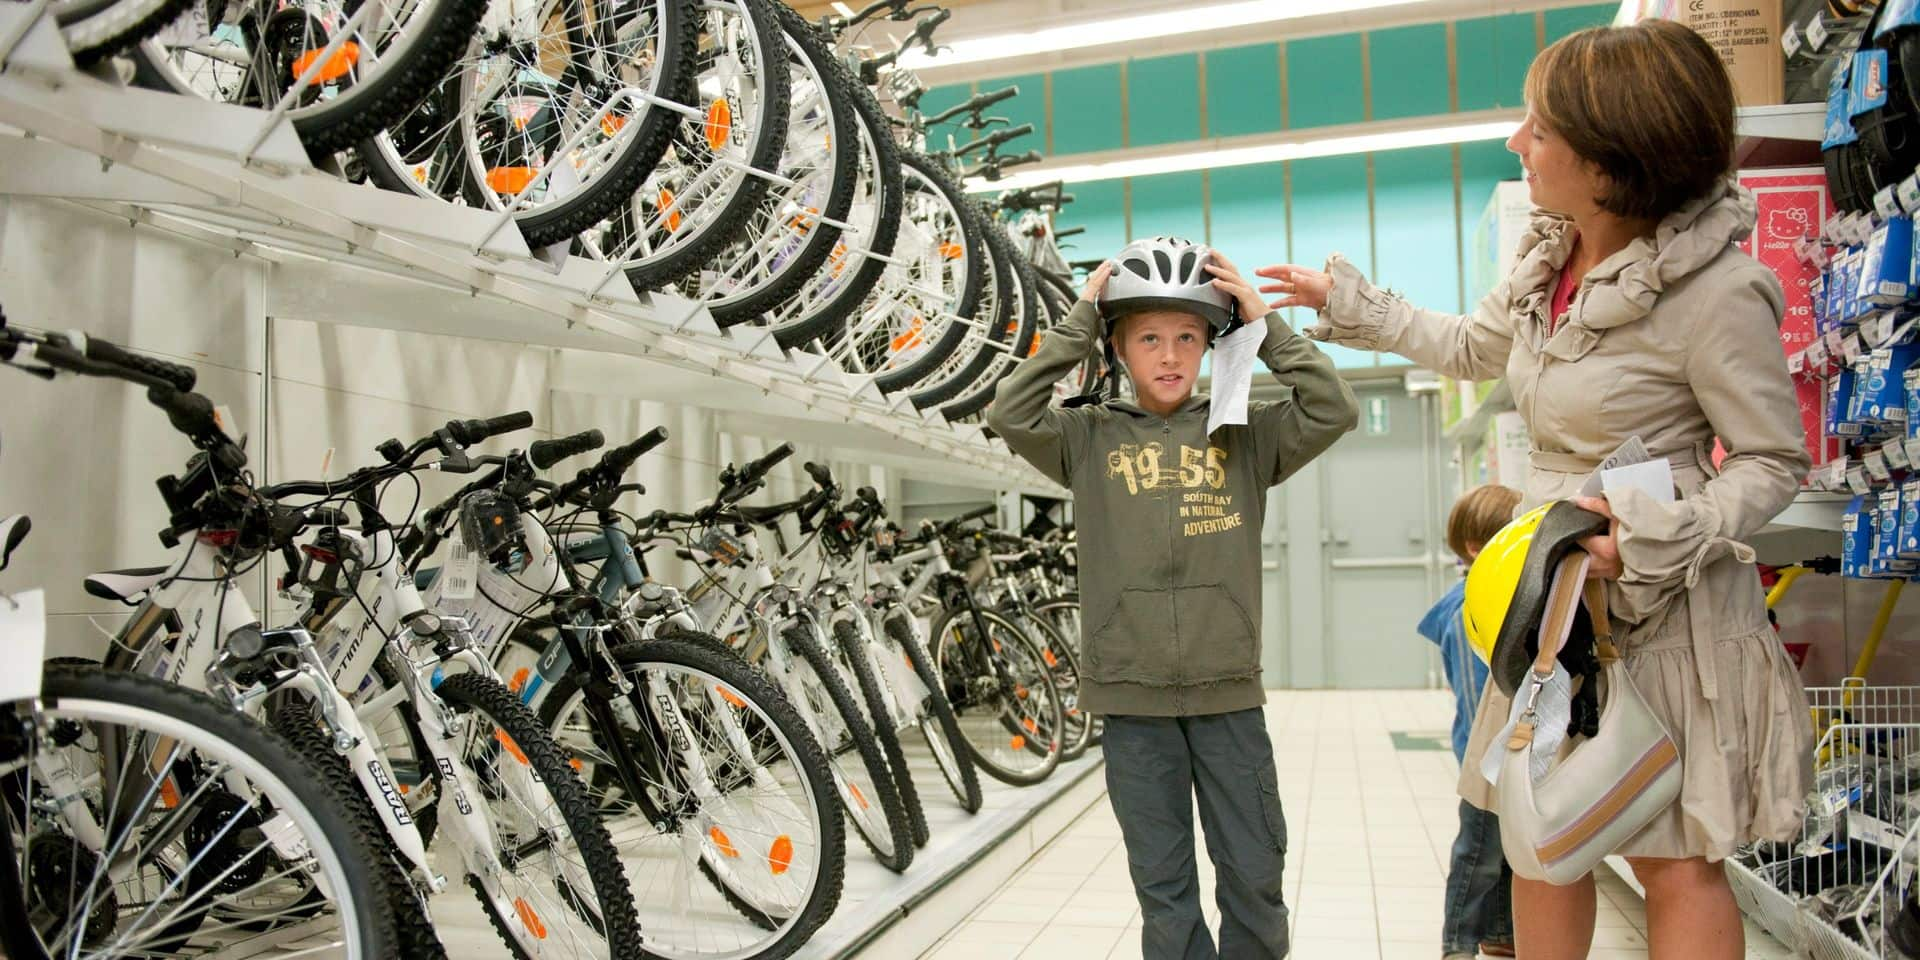 Voici le classement des meilleurs casques pour vélos sur le marché, selon Touring